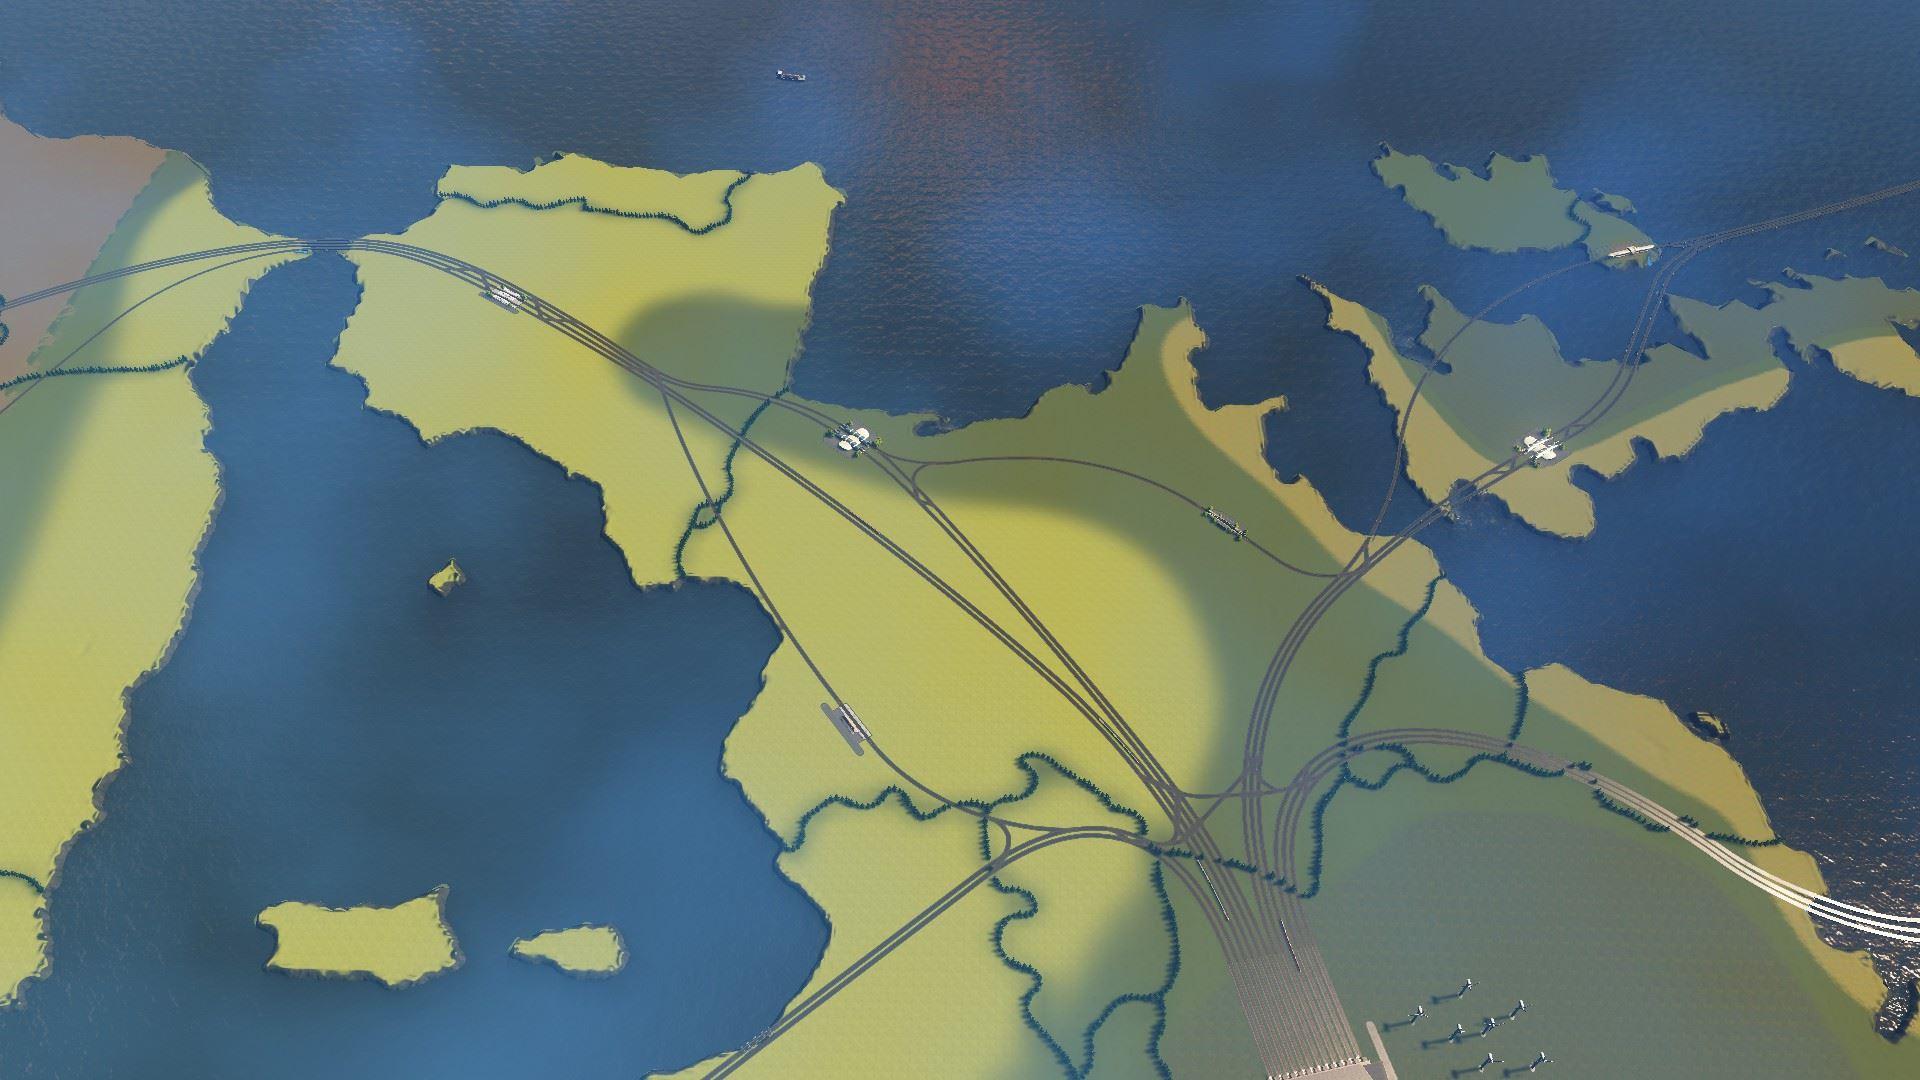 Screenshot aus Cities Skylines: Das Schienennetzwerk aus einem anderen Blickwinkel.